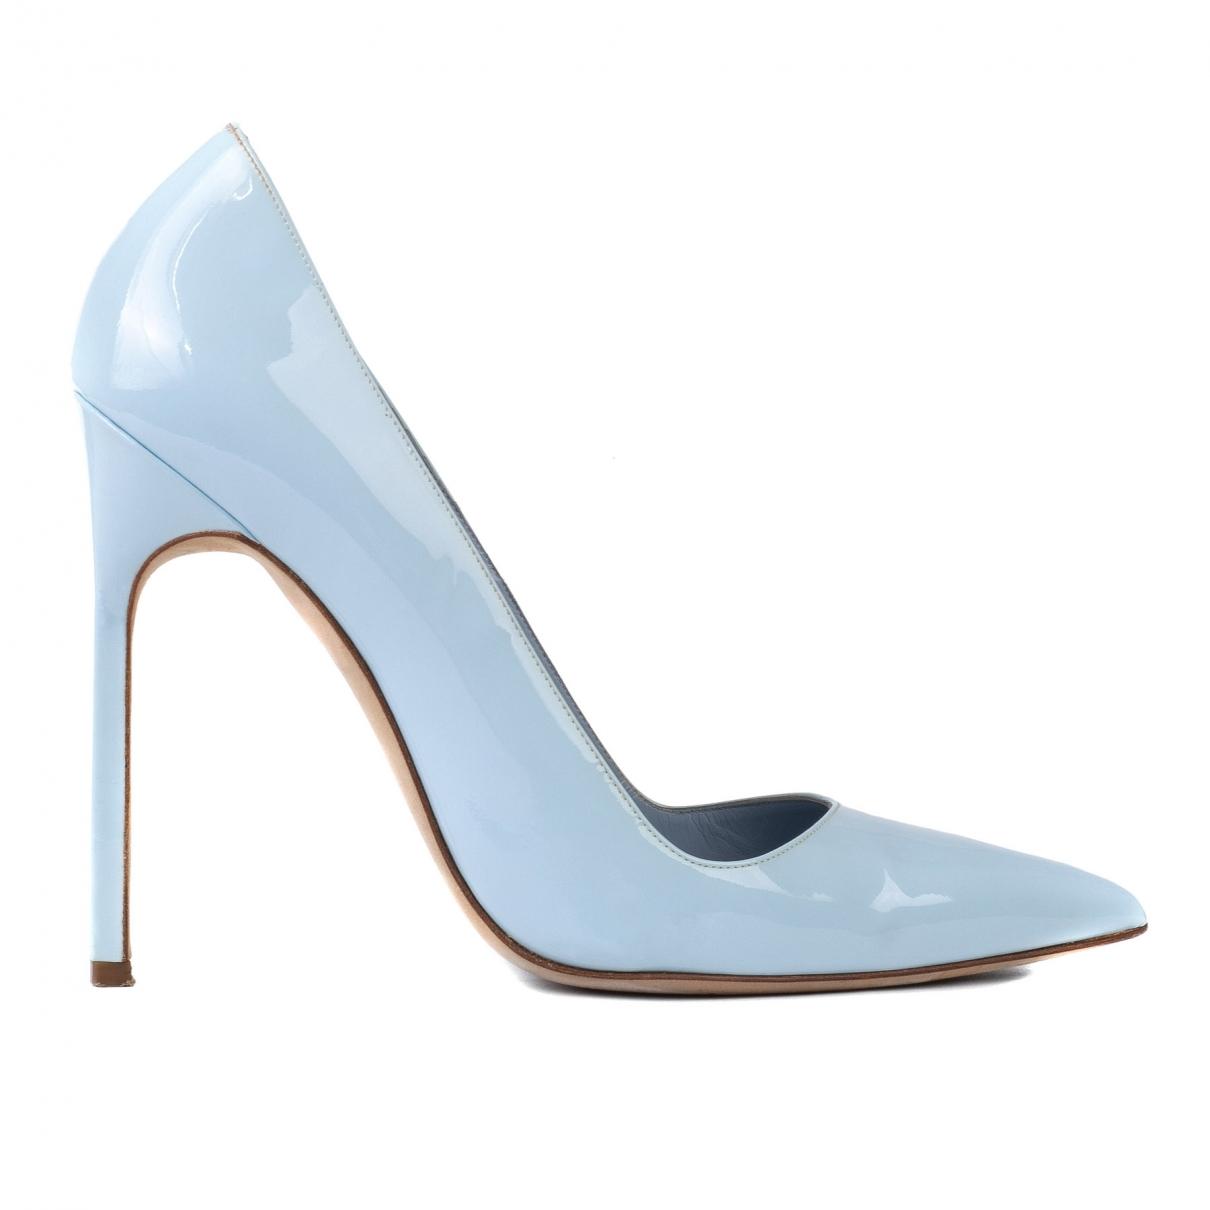 Manolo Blahnik - Escarpins   pour femme en cuir verni - bleu